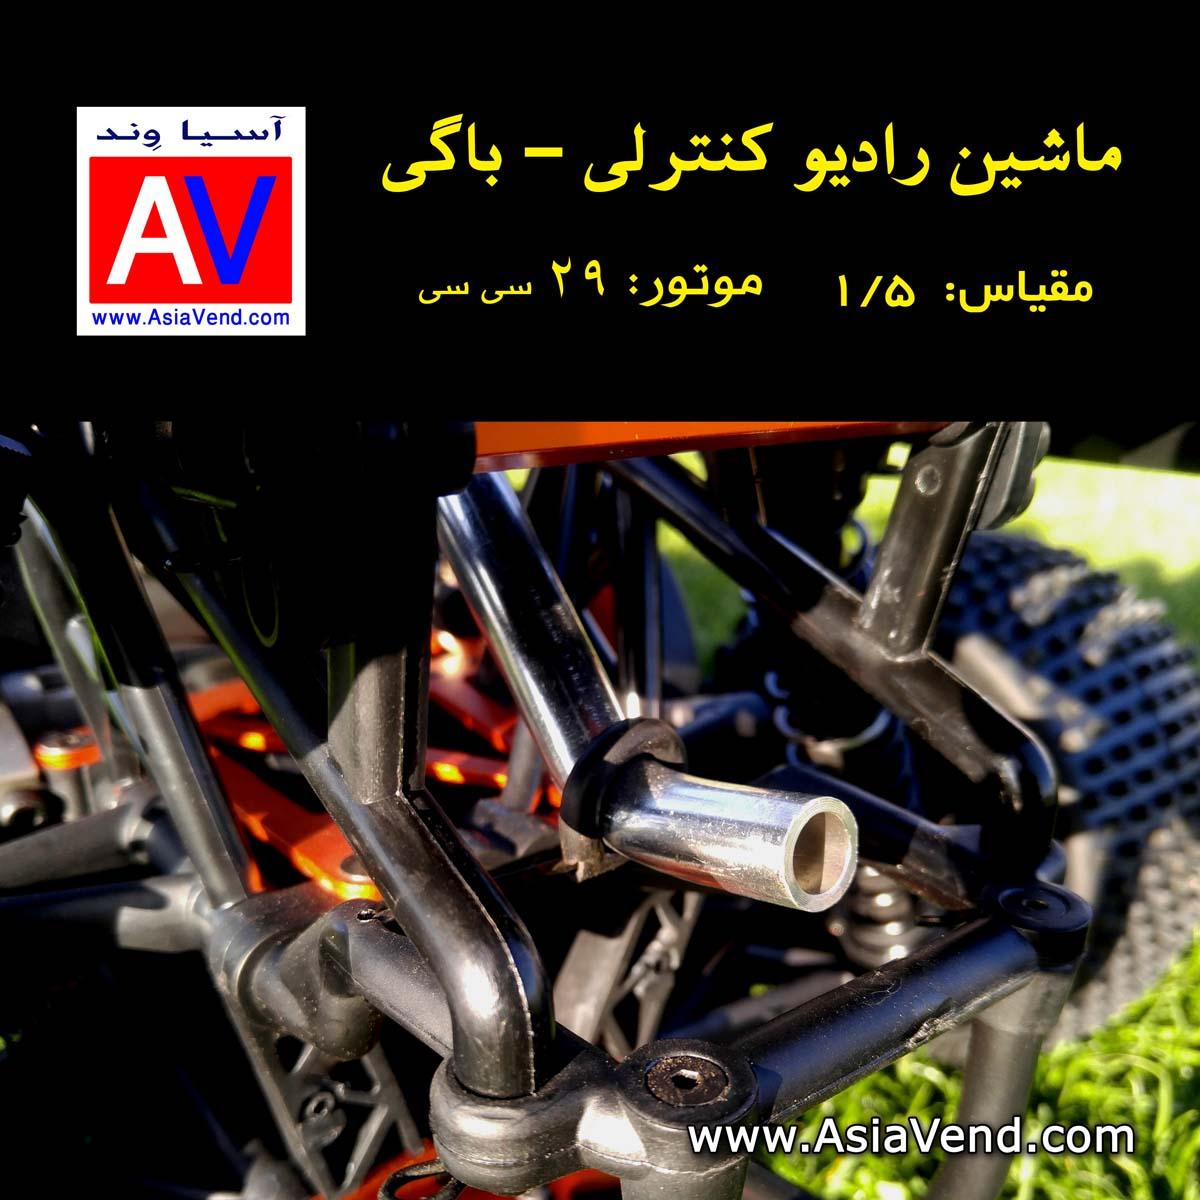 ماشین کنترلی ماشین رادیو کنترلی بنزینی آفرود BAJA RC CAR